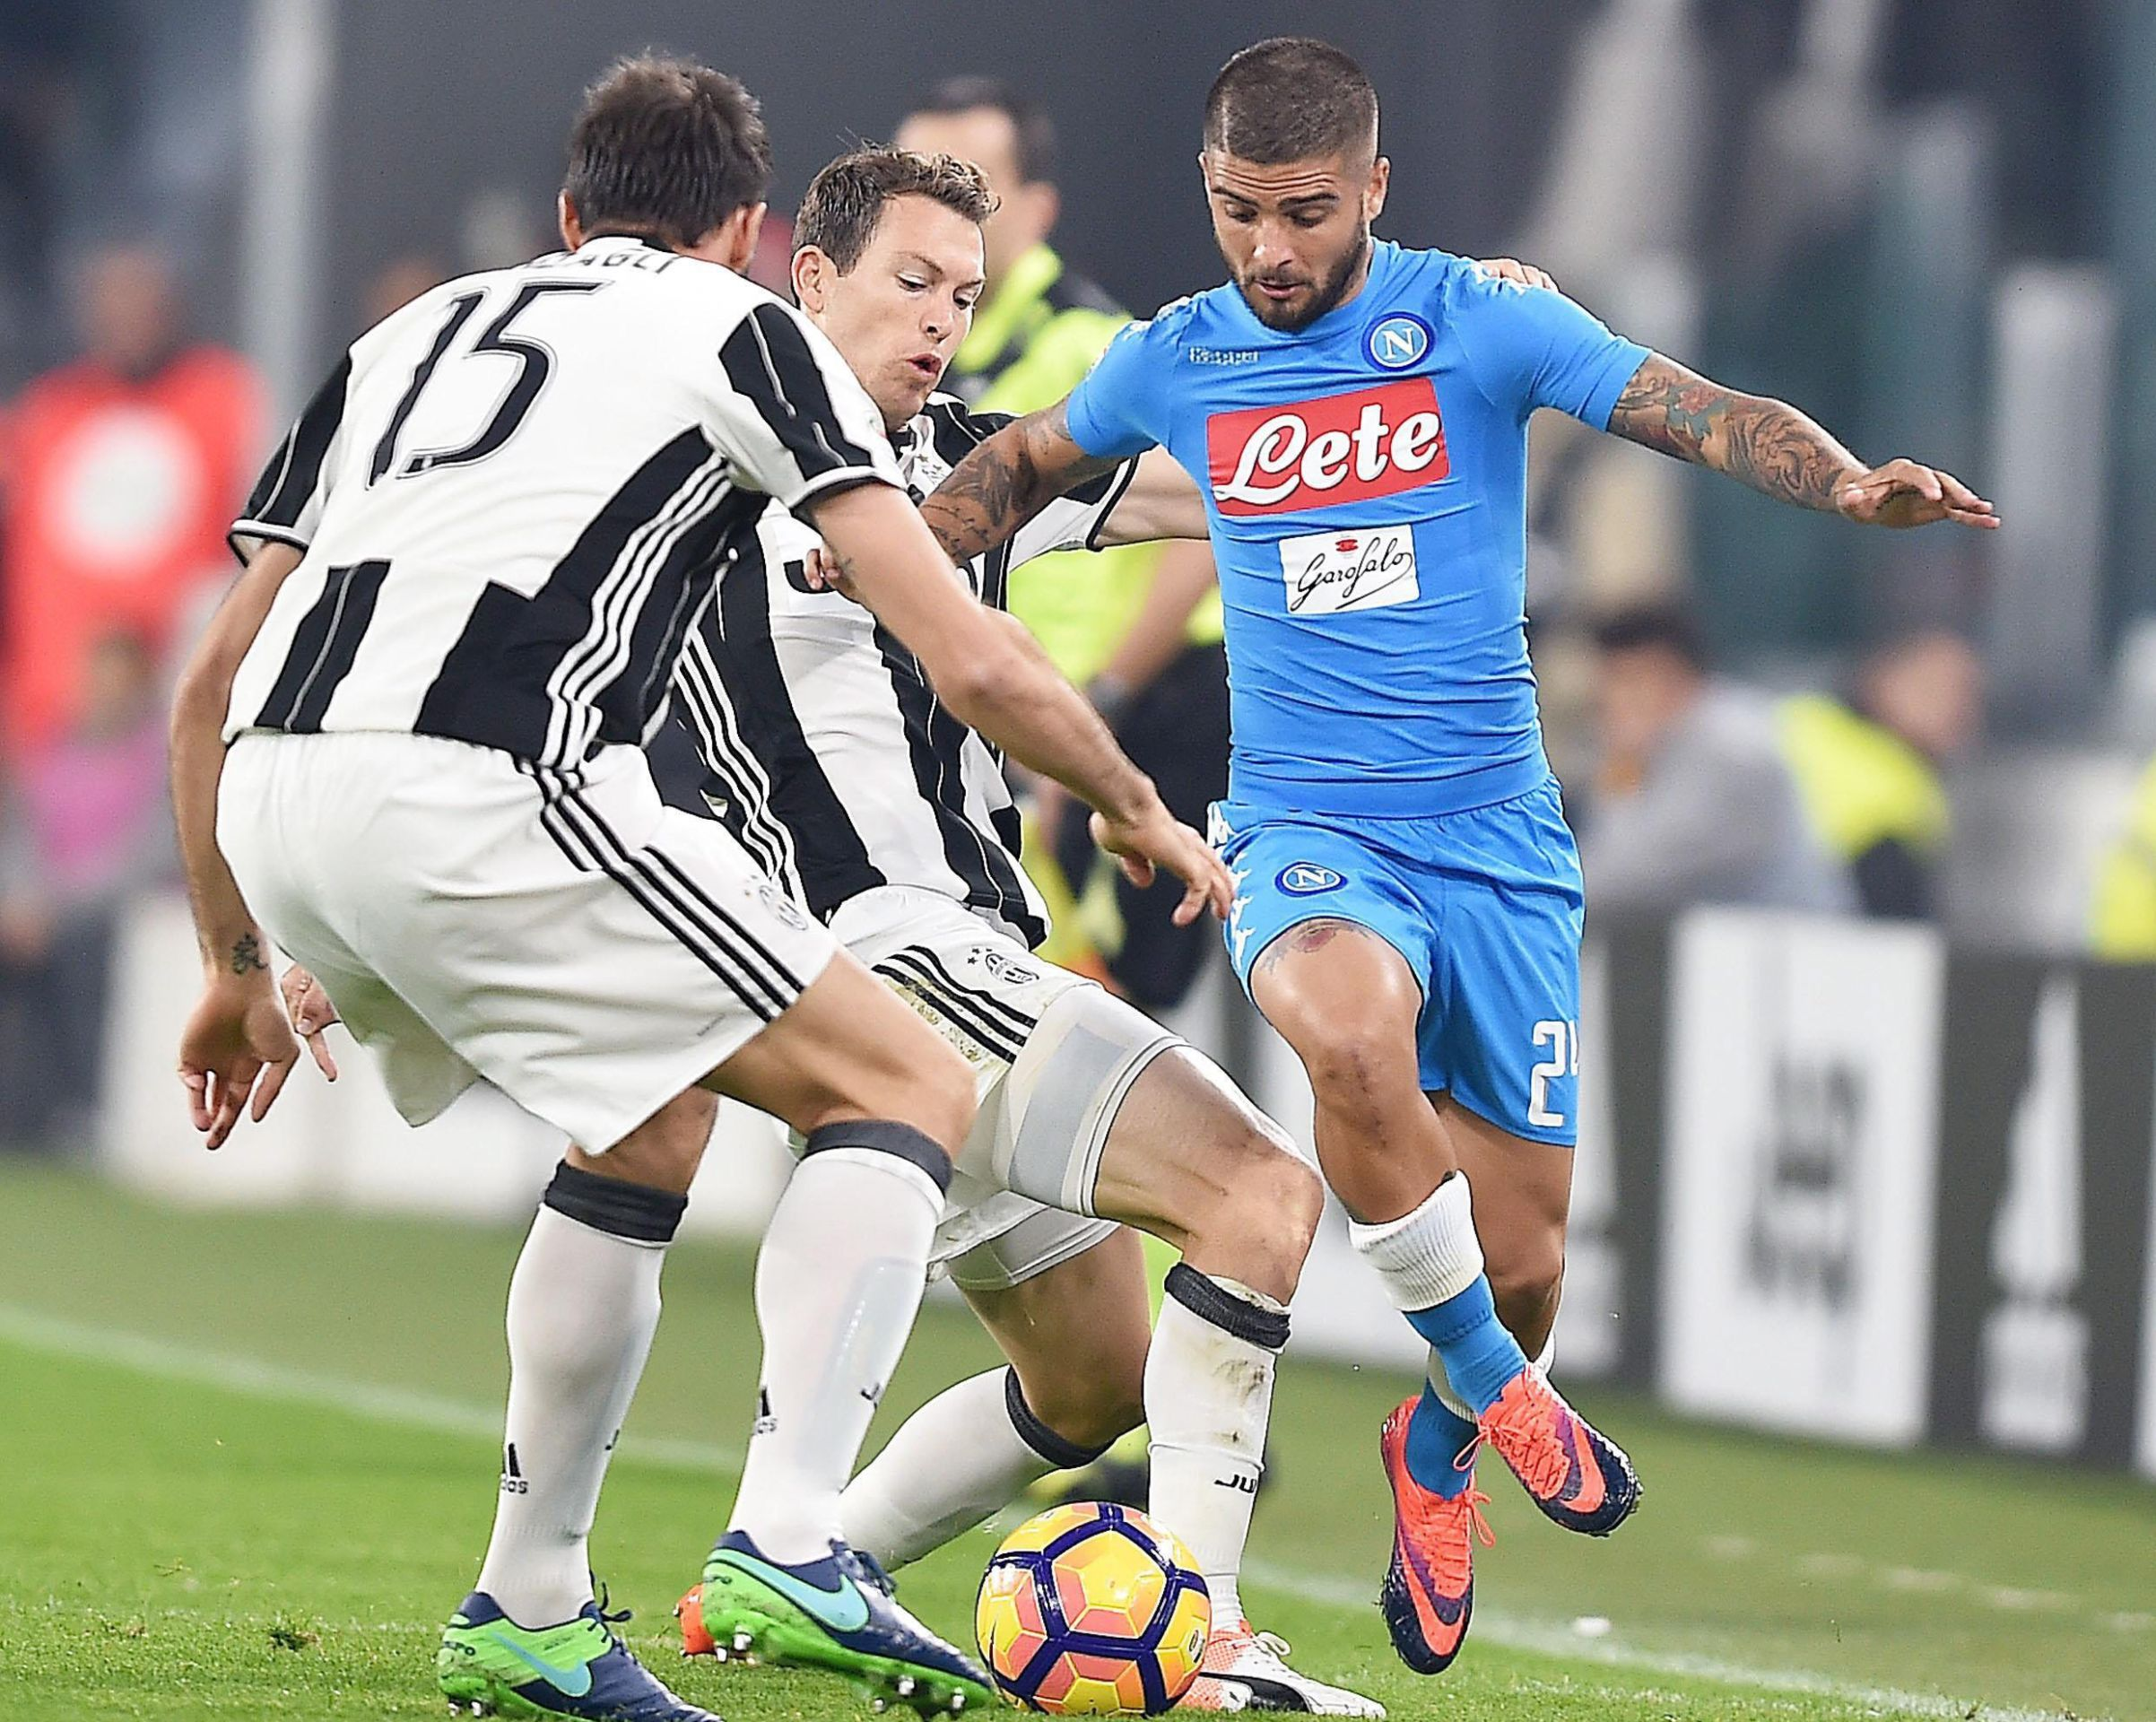 KUP Juventus – Napoli 3-1